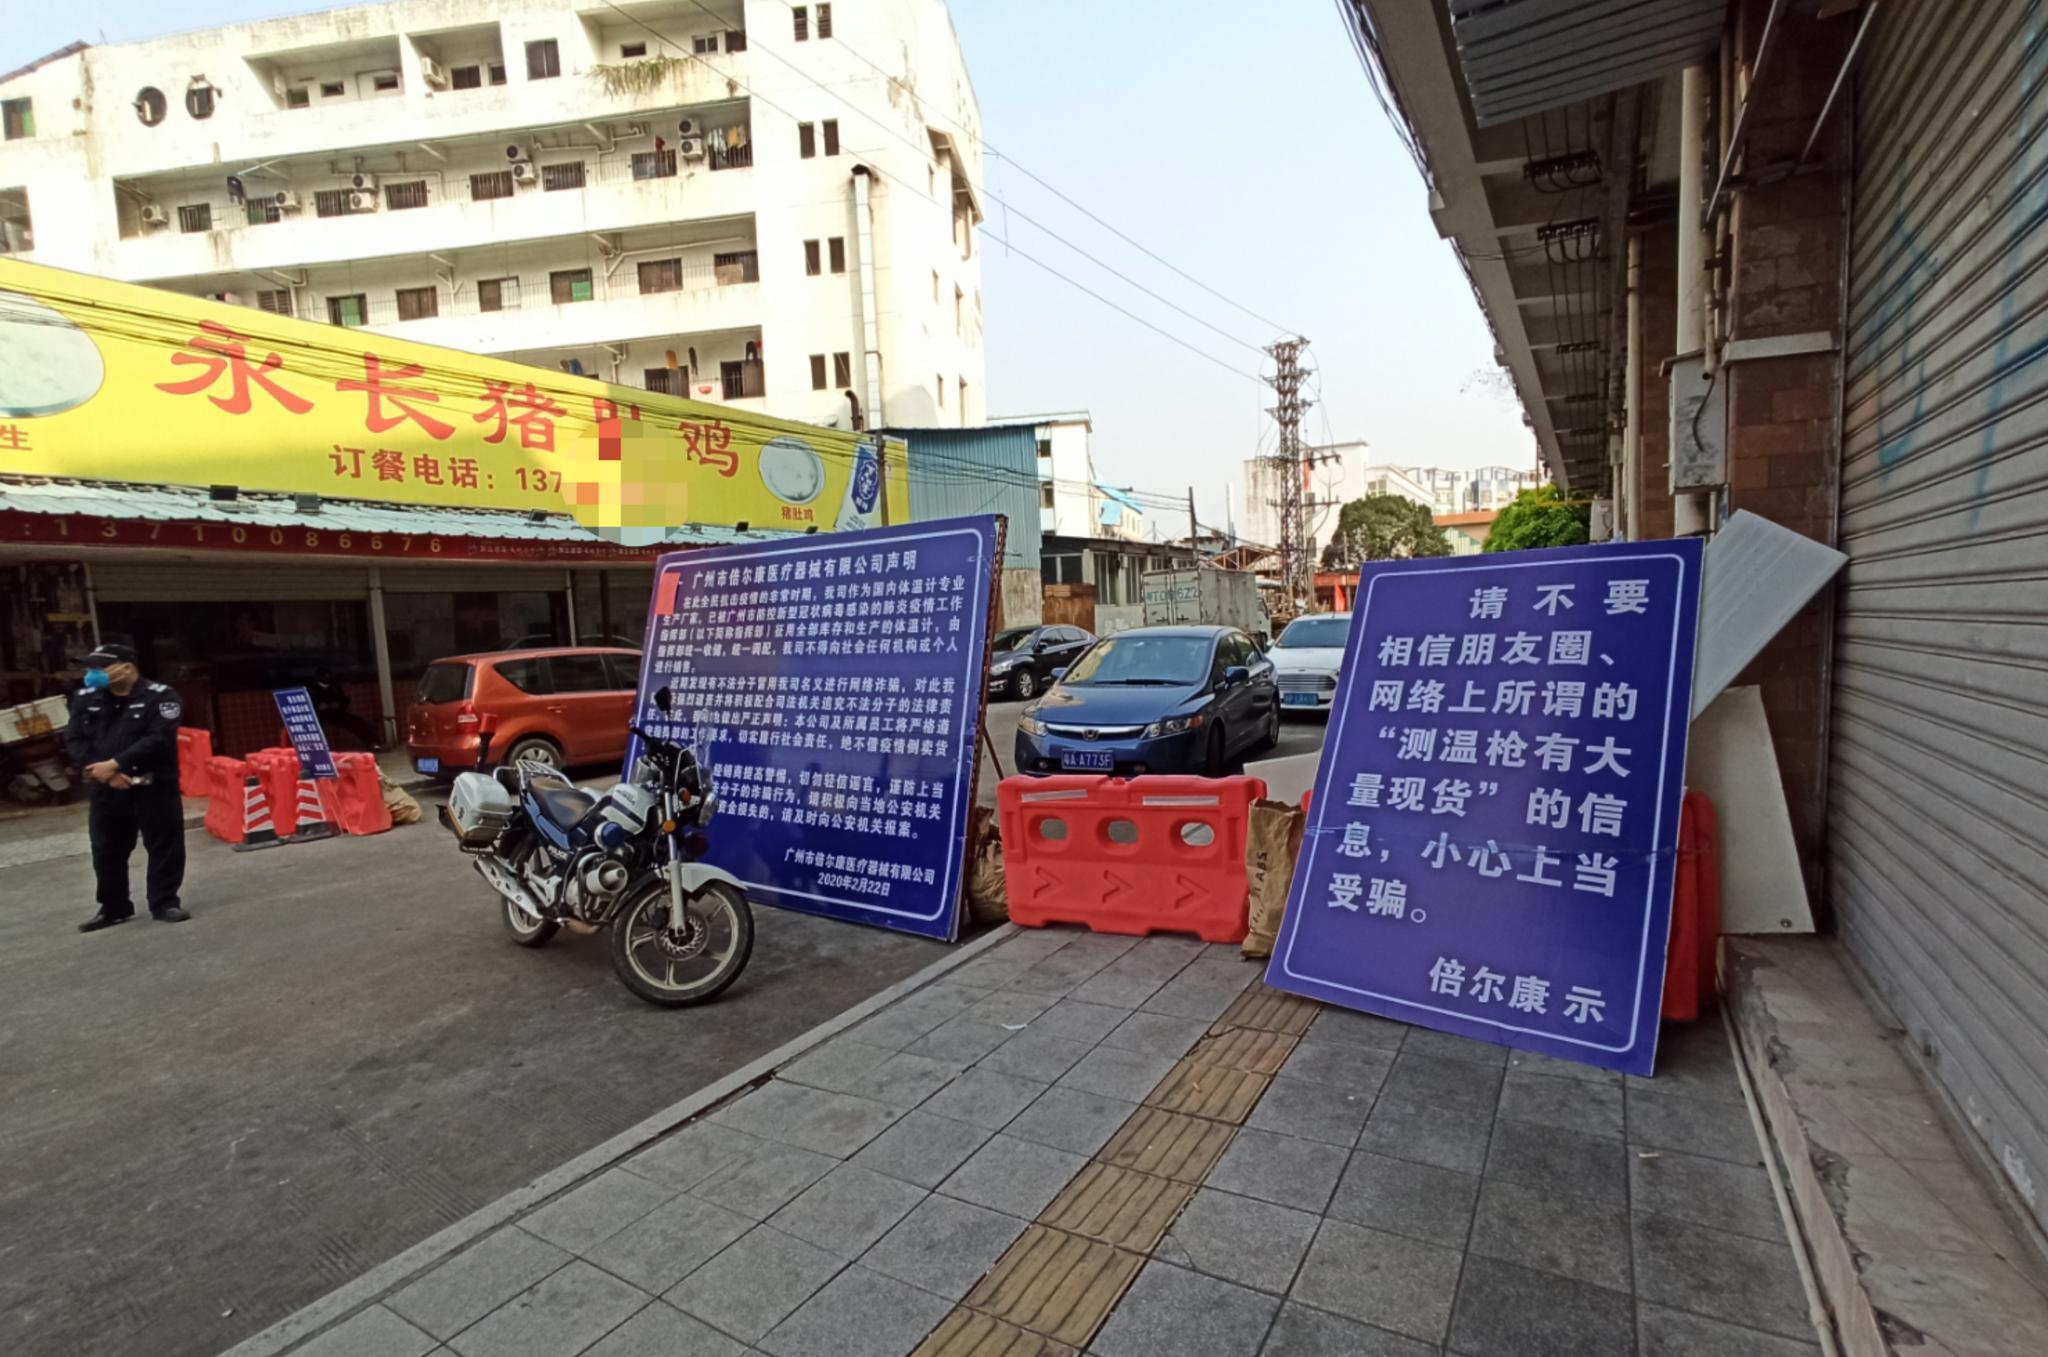 """3月15日,广州一家医疗企业门口有辅警值守,曾经到此拍摄视频的""""倒爷""""不见踪影。新京报记者 刘名洋 摄"""